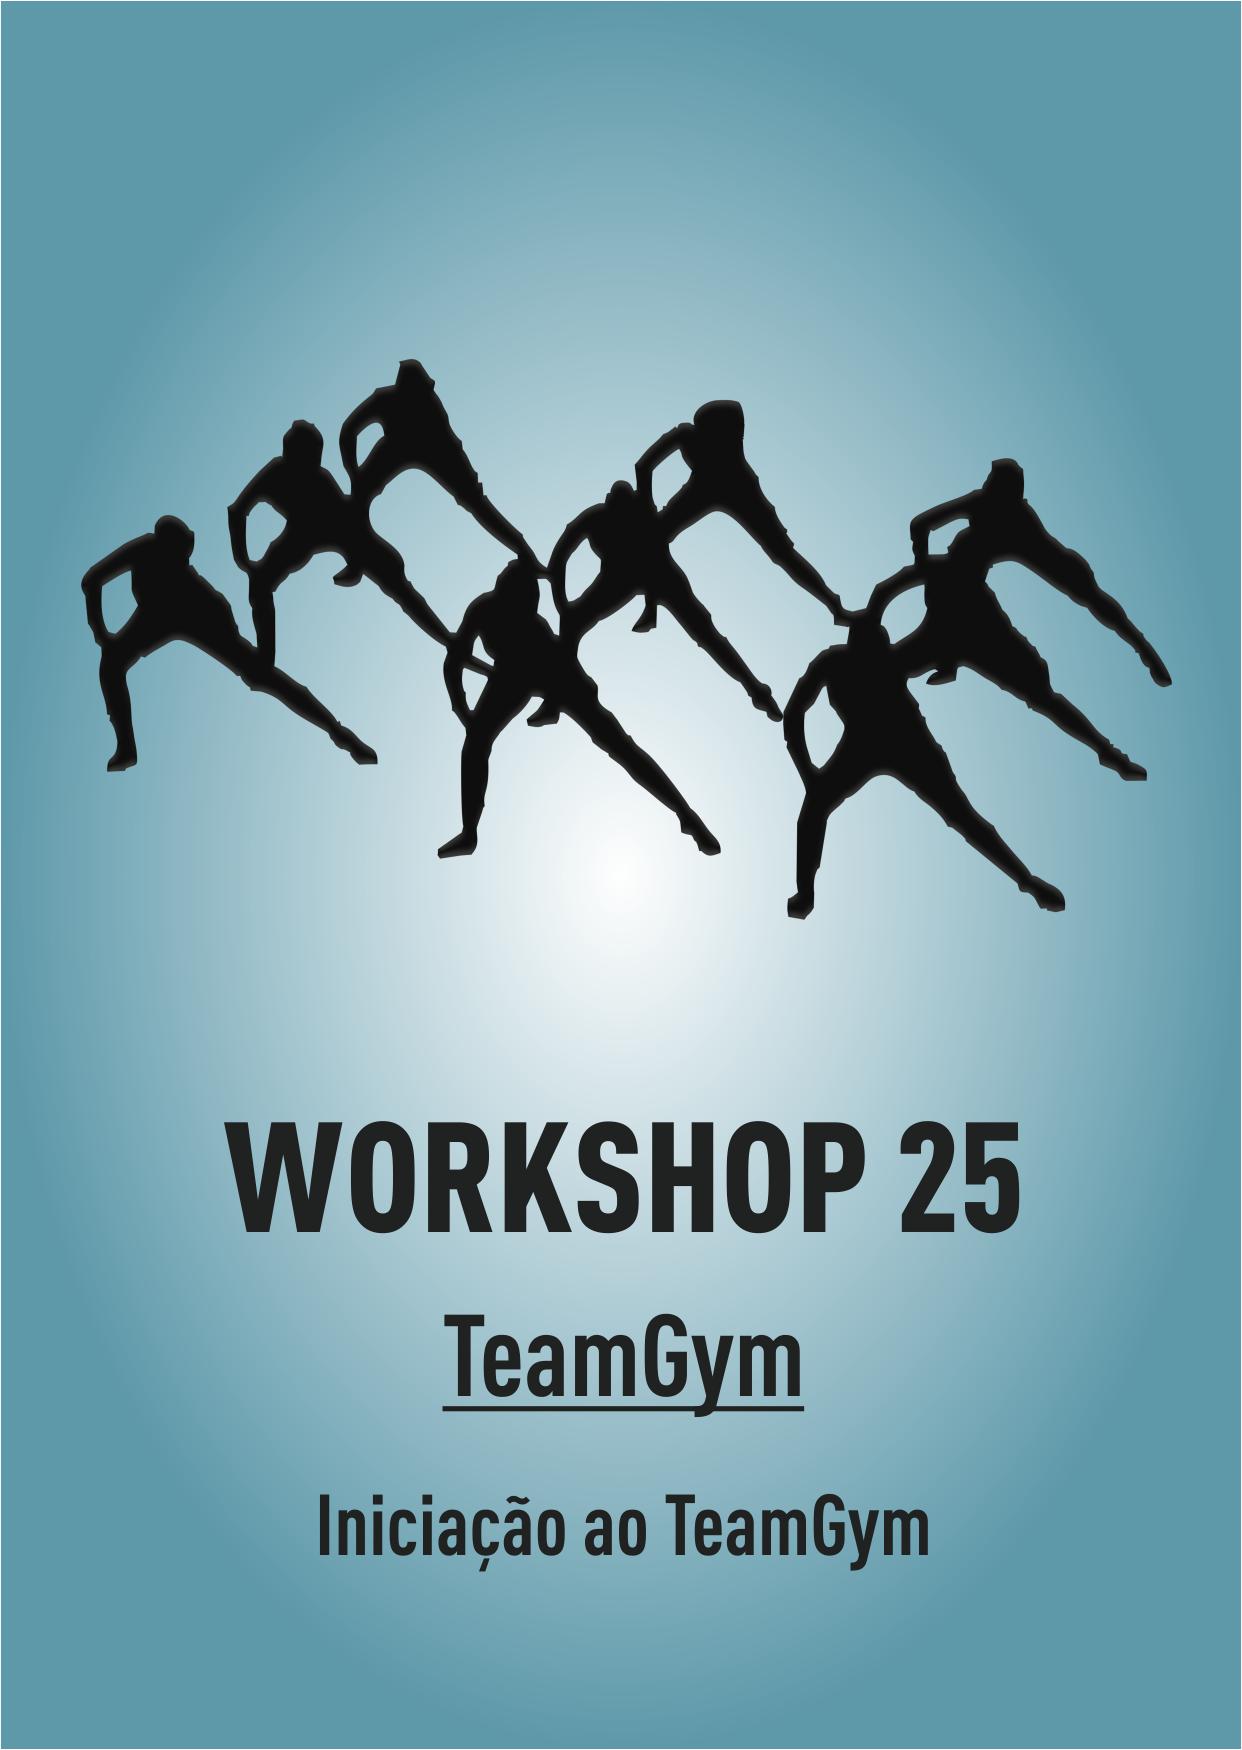 WORKSHOP 25 - TeamGym: Iniciação ao TeamGym